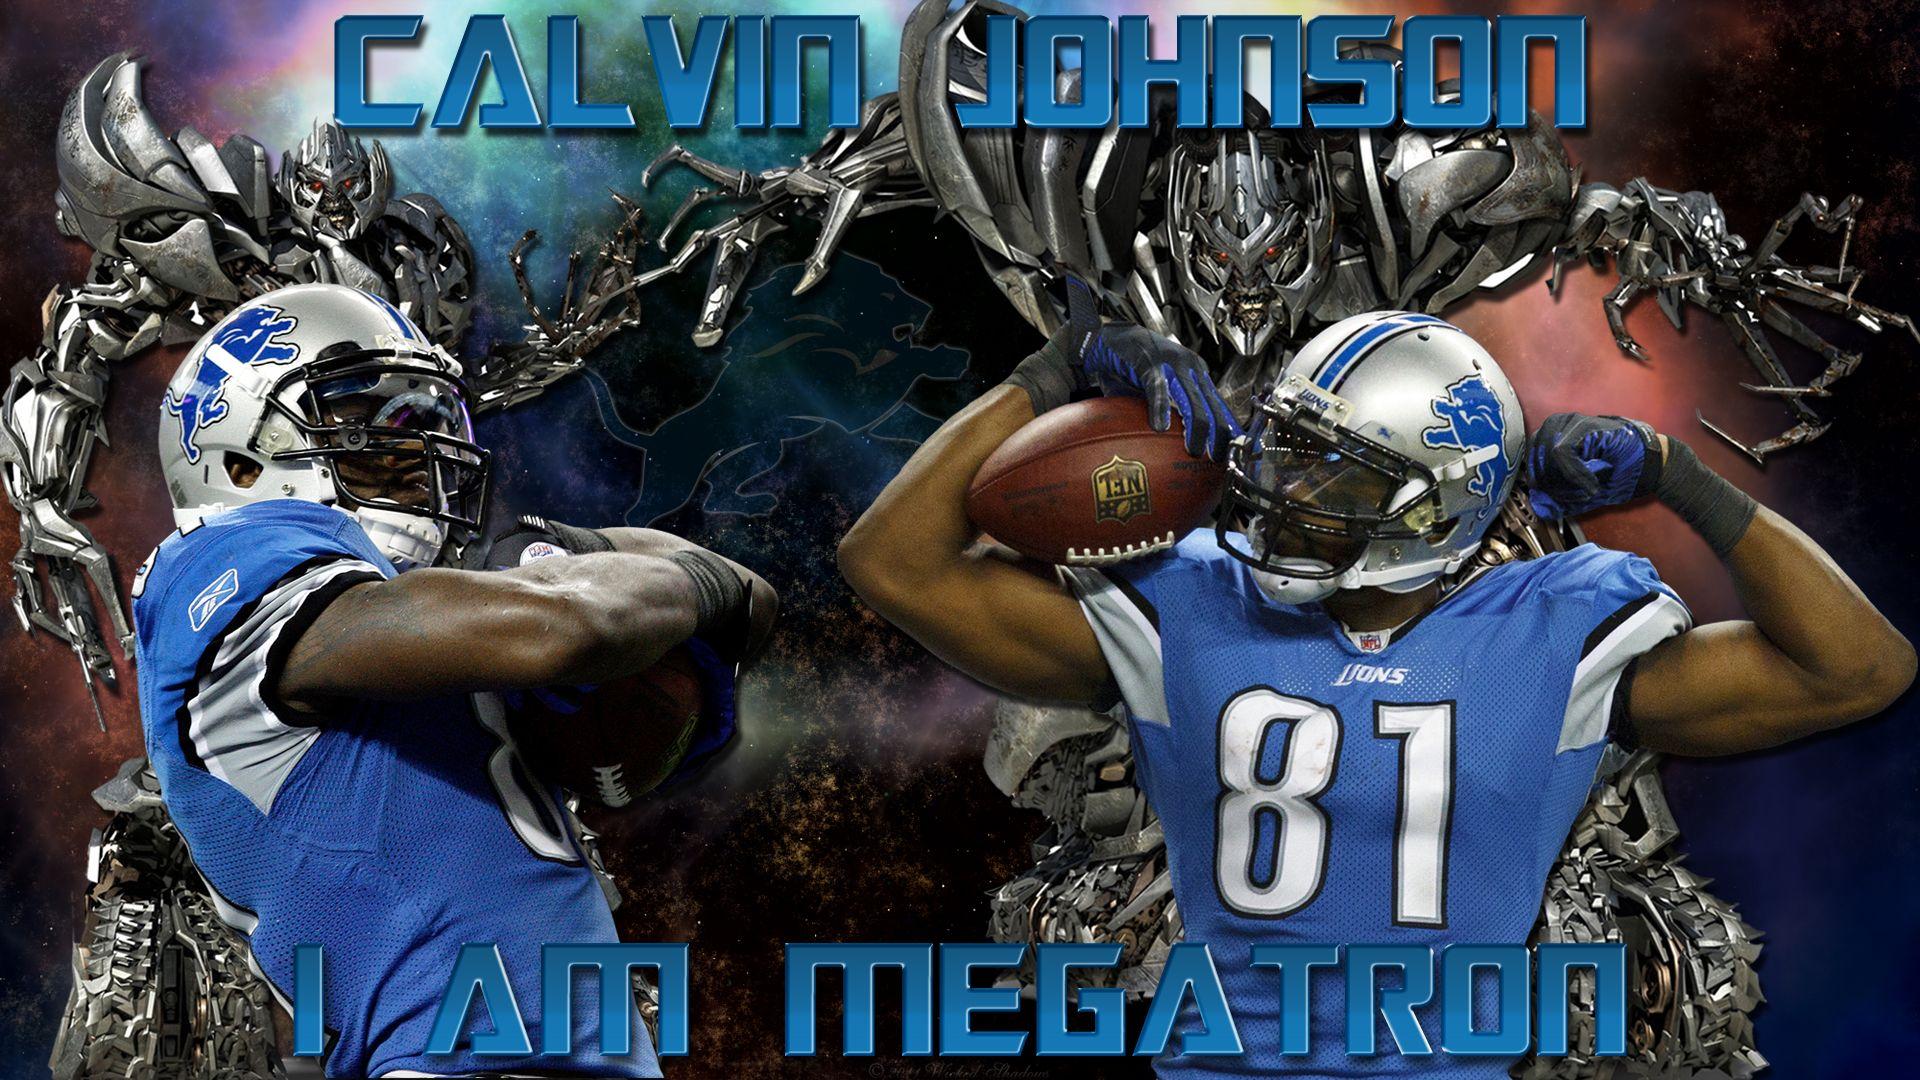 Calvin Johnson I Am Megatron Detroit Lions Wallpaper - Calvin Johnson Megatron , HD Wallpaper & Backgrounds